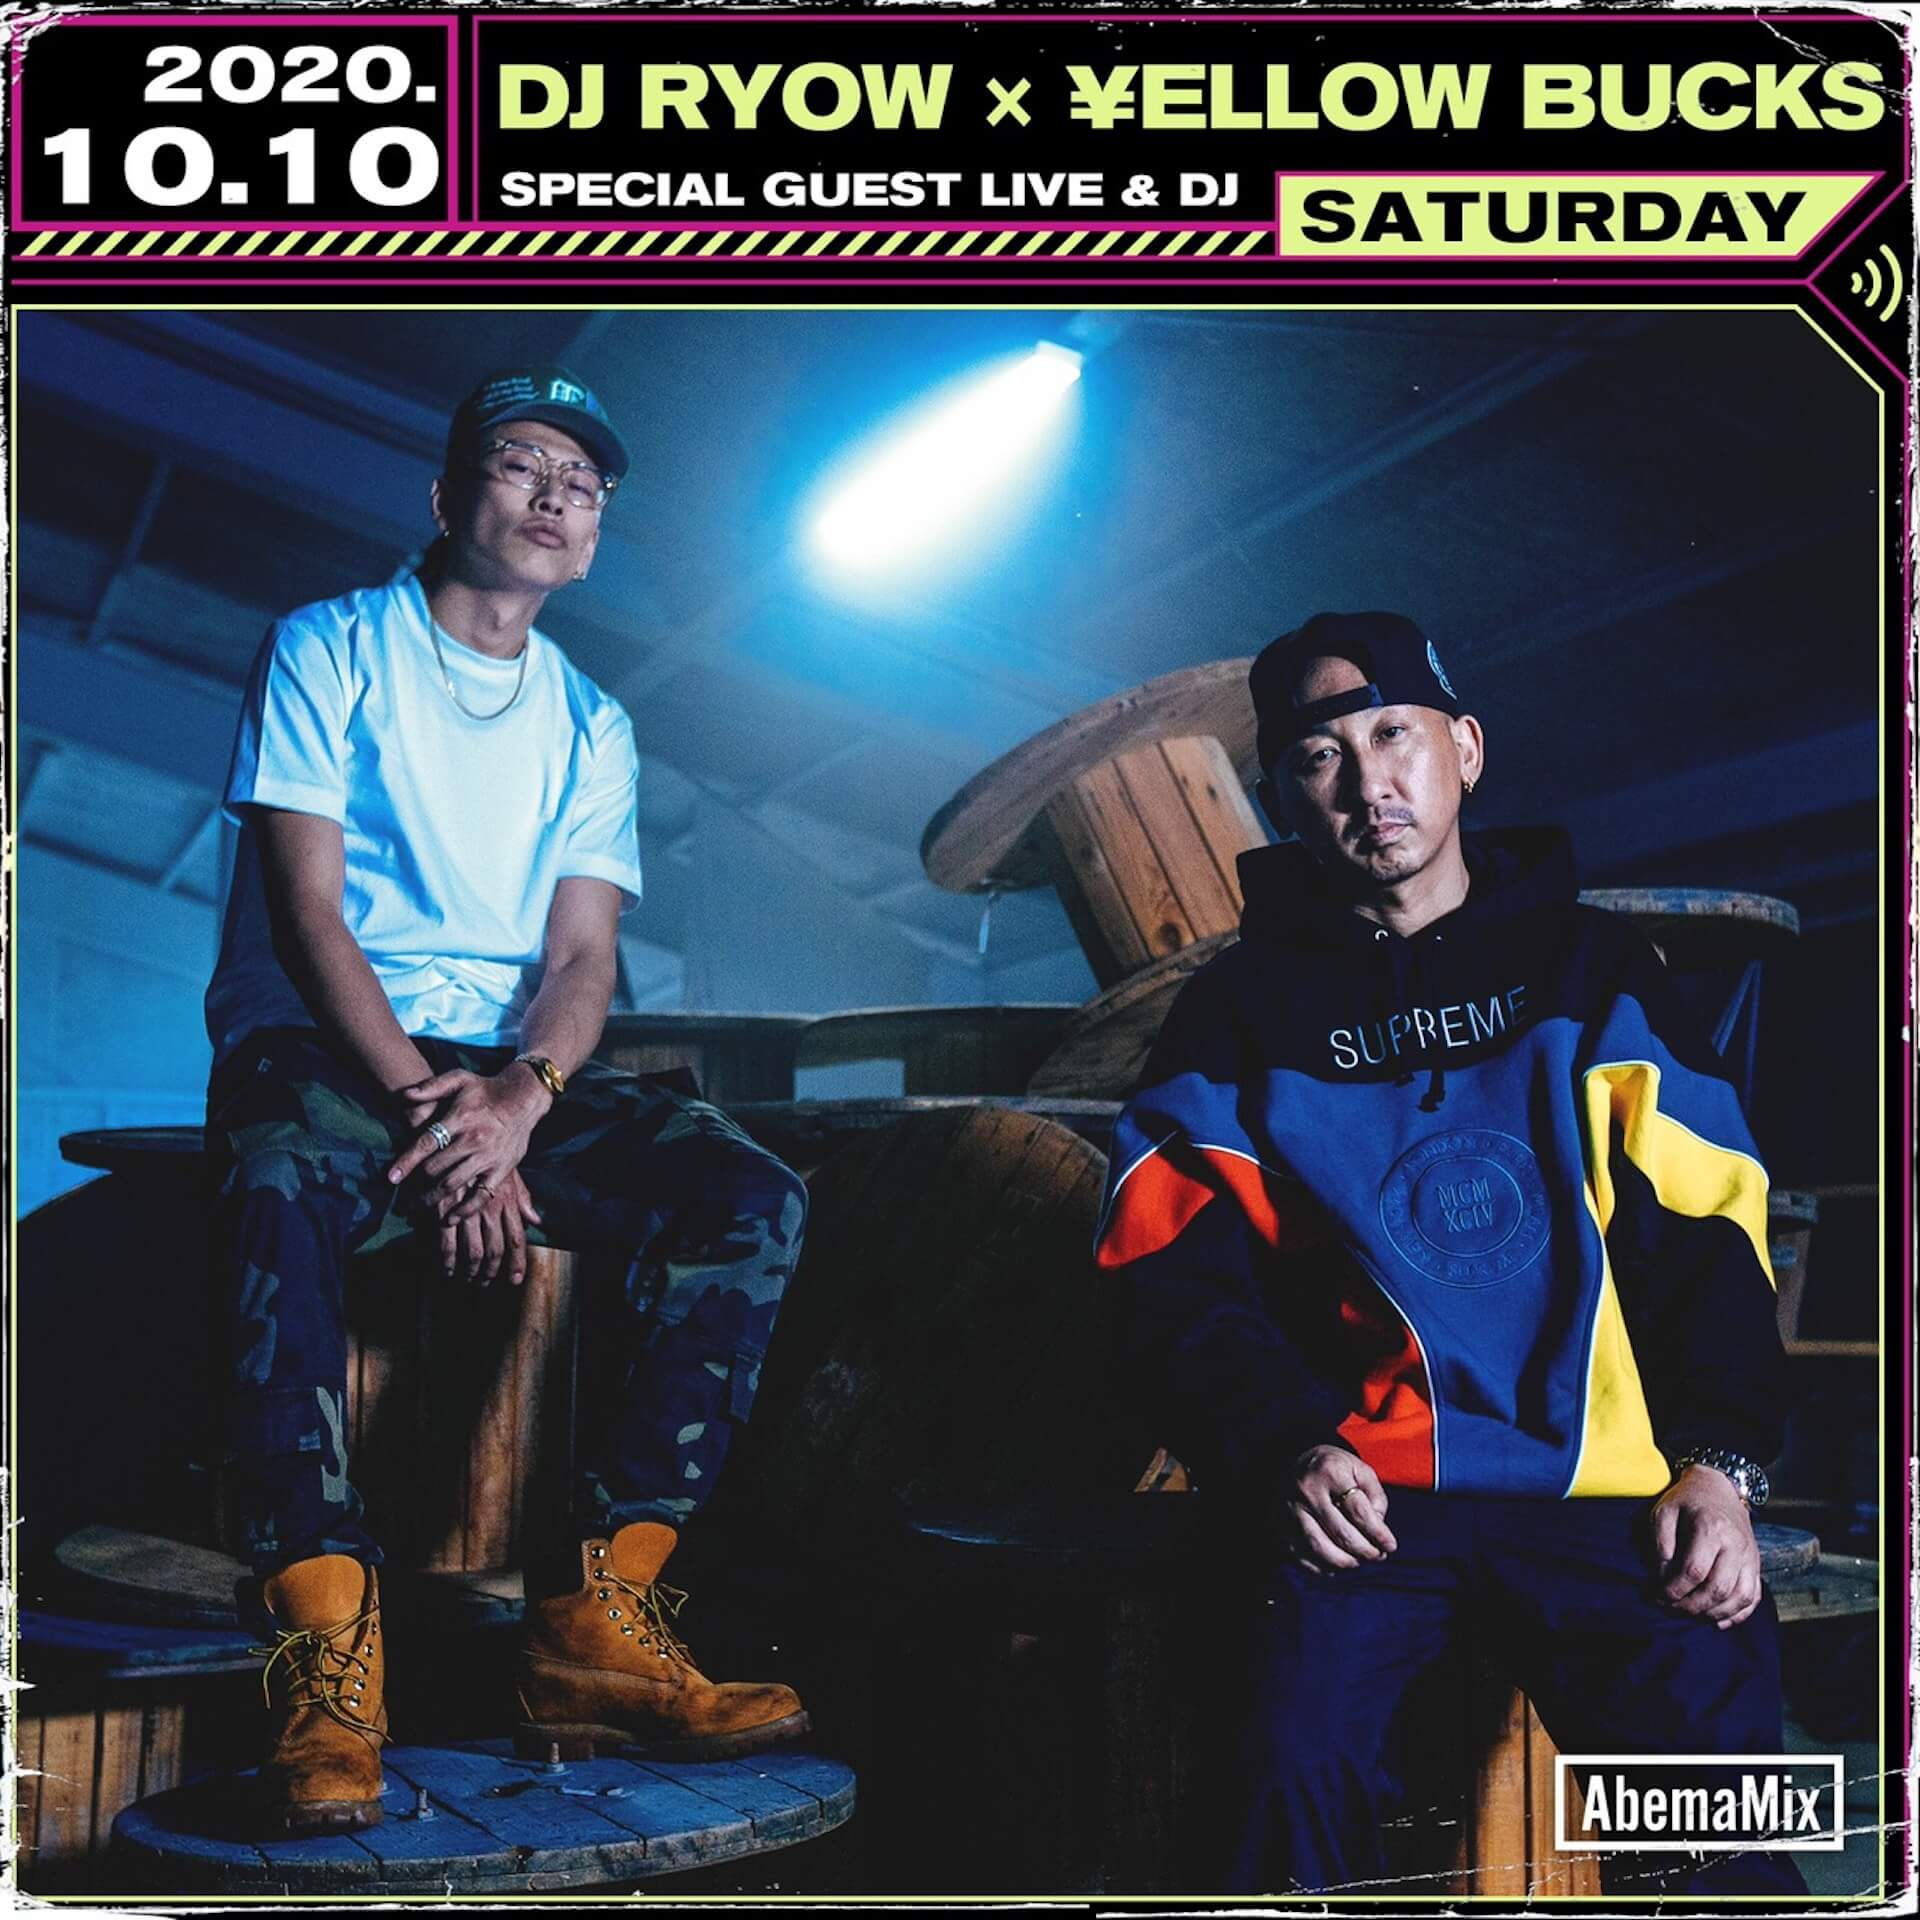 DJ RYOWと¥ellow Bucksのダブルネーム両A面シングル『GAMBLE   Need A Dr』が本日より配信リリース!同時にMVも公開 music2020109_djryow_yellowbucks_2